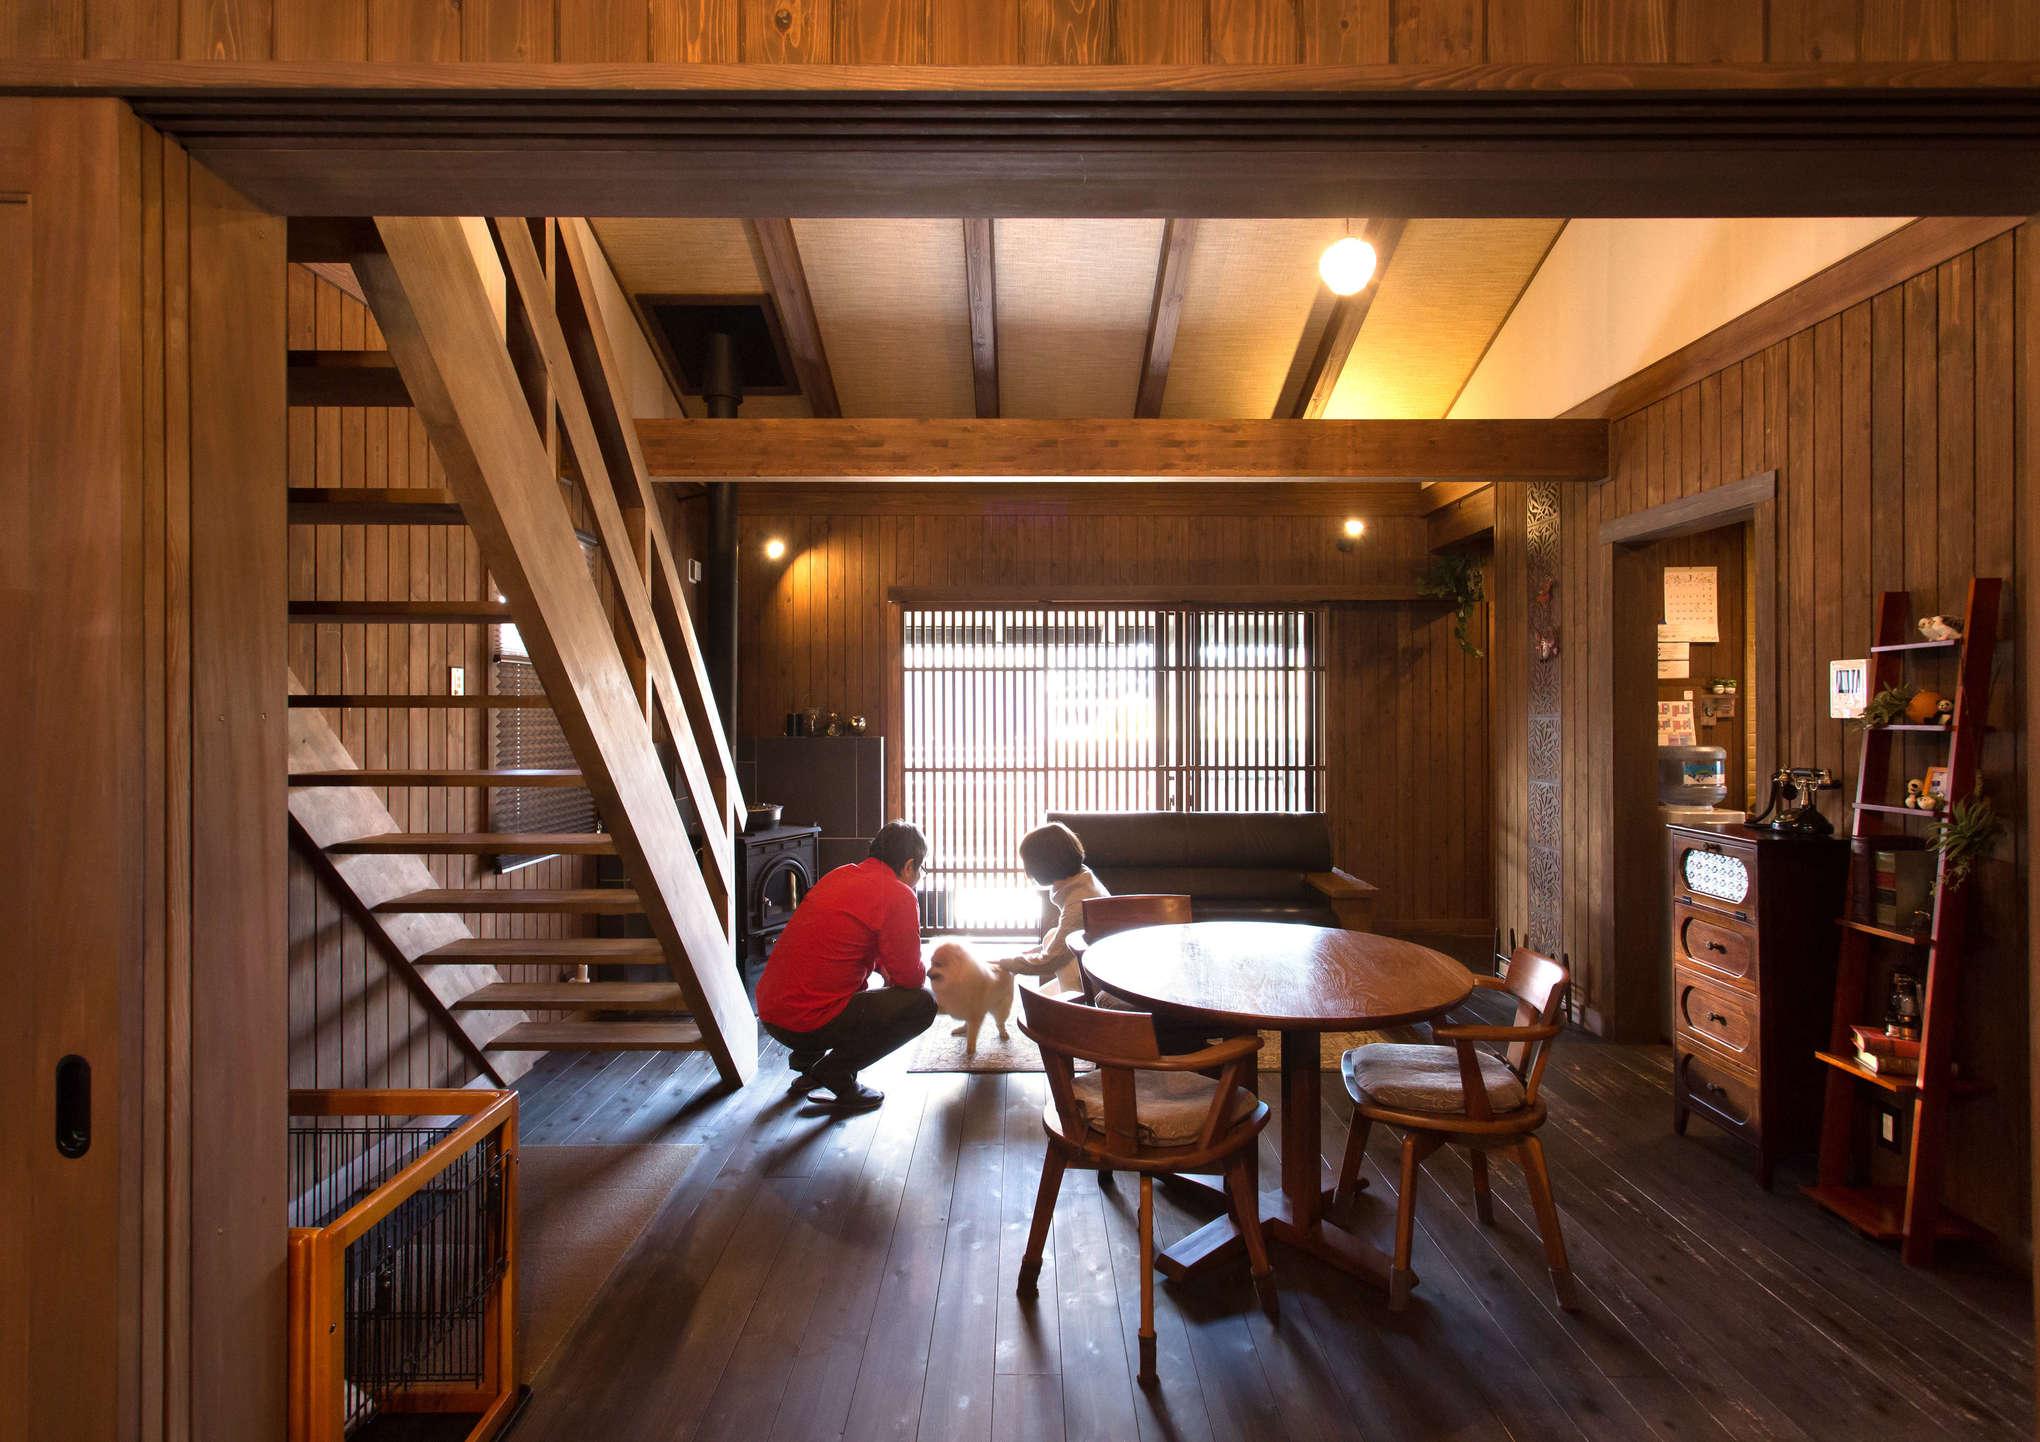 1階のLDKはダイニングテーブル、ソファ、薪ストーブが置かれたシンプルな空間。「凝りすぎない。造りすぎず、飾りすぎない」という家のコンセプトそのままに、杉板の風合い、吹き抜けの網代天井の色味、格子戸から漏れる光が室内に華を添える